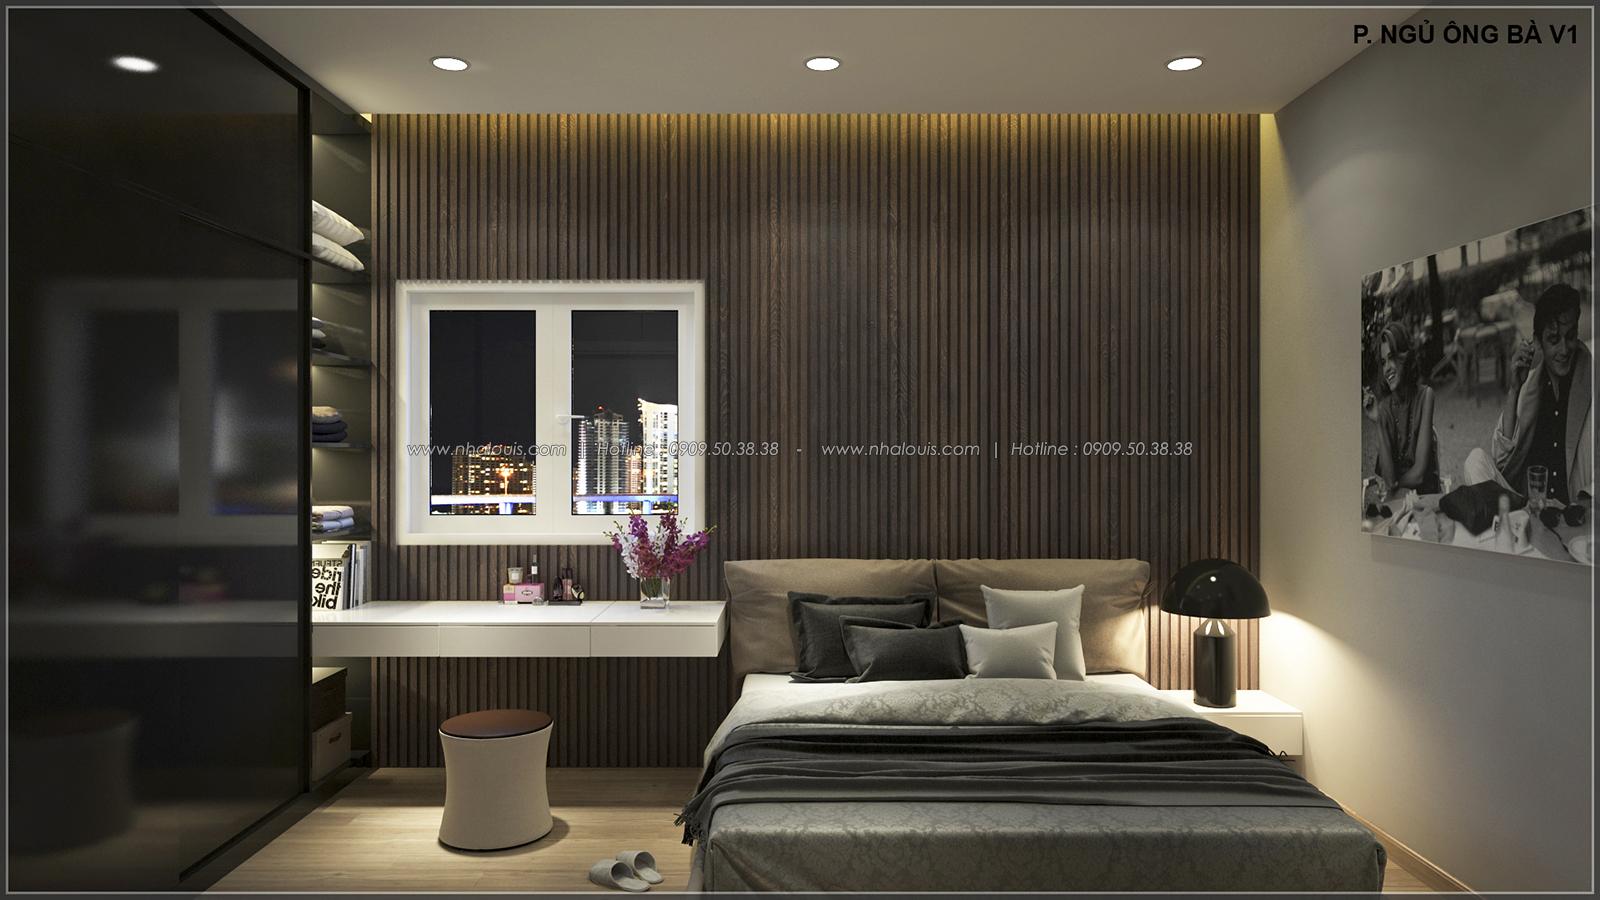 Phòng ngủ thiết kế nhà ống mặt tiền 5m của chị Linh quận 6 - 15